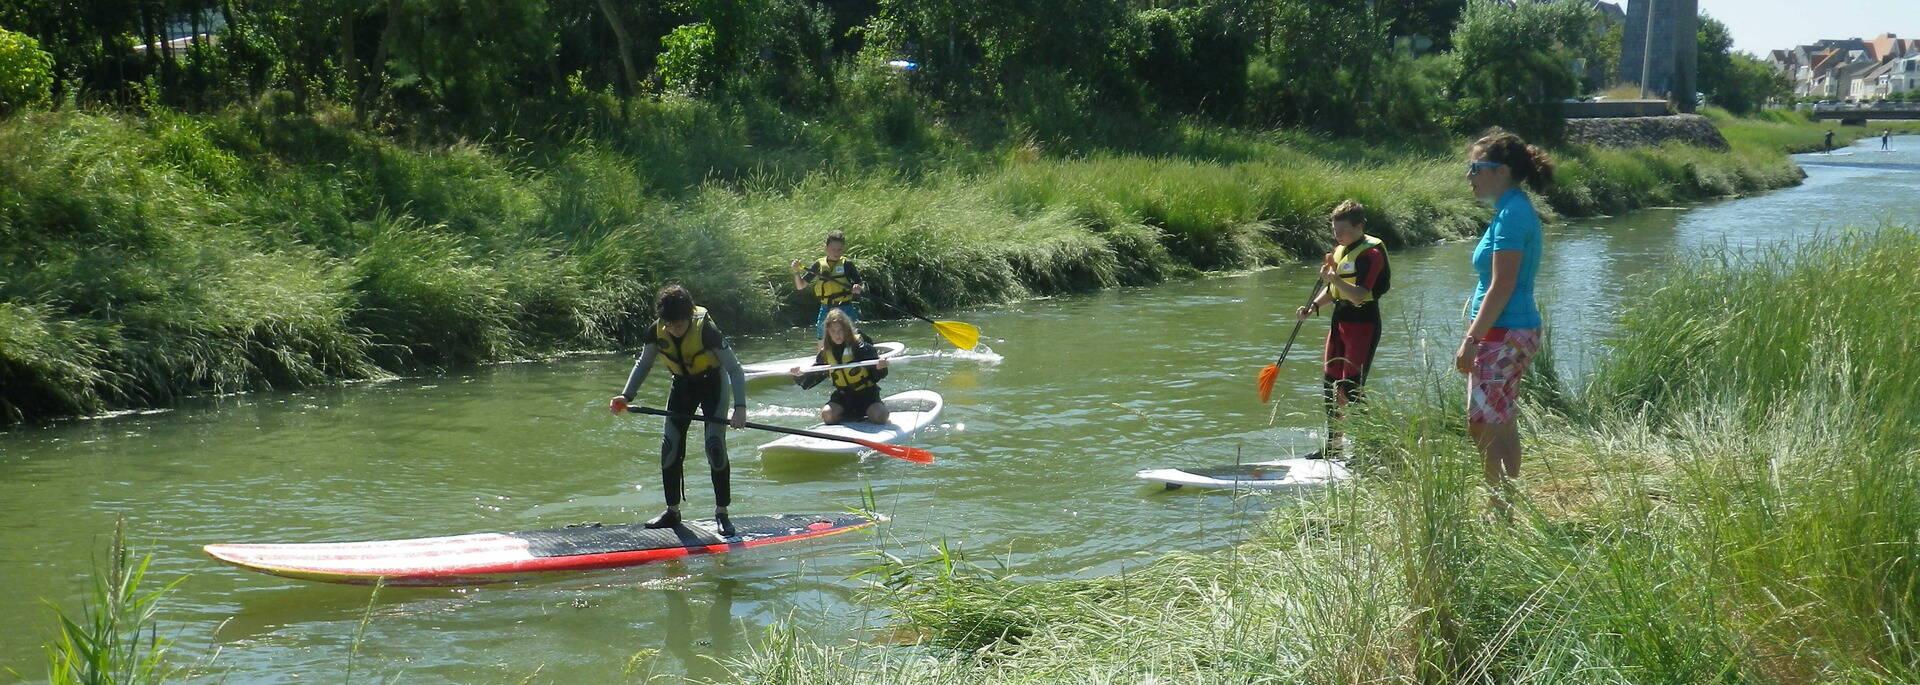 Paddle sur le Wimereux